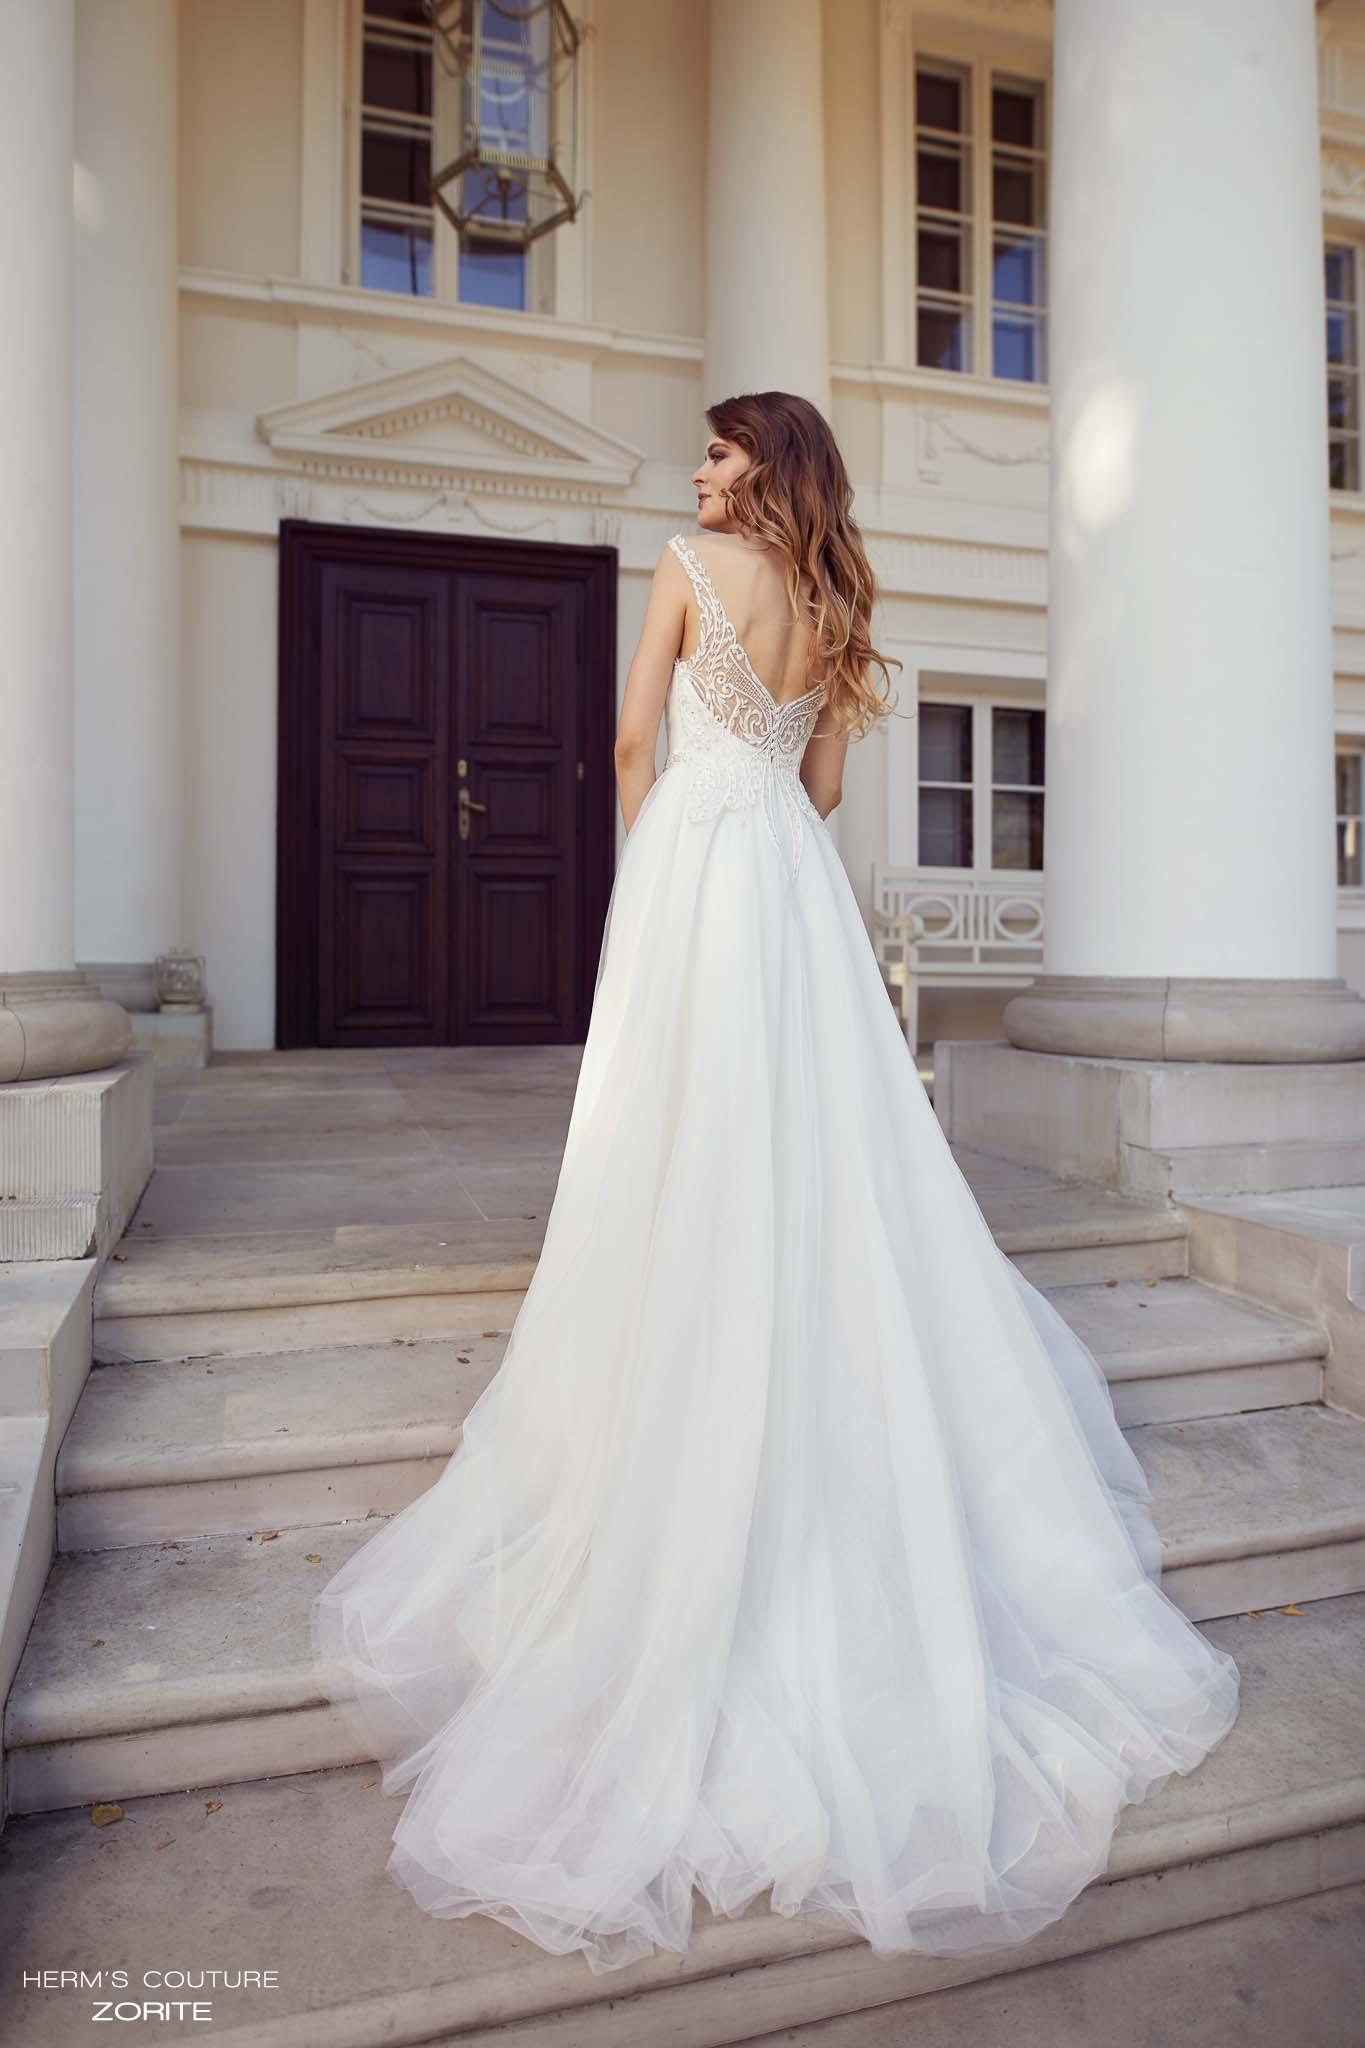 suknia slubna herms bridal couture Zorite